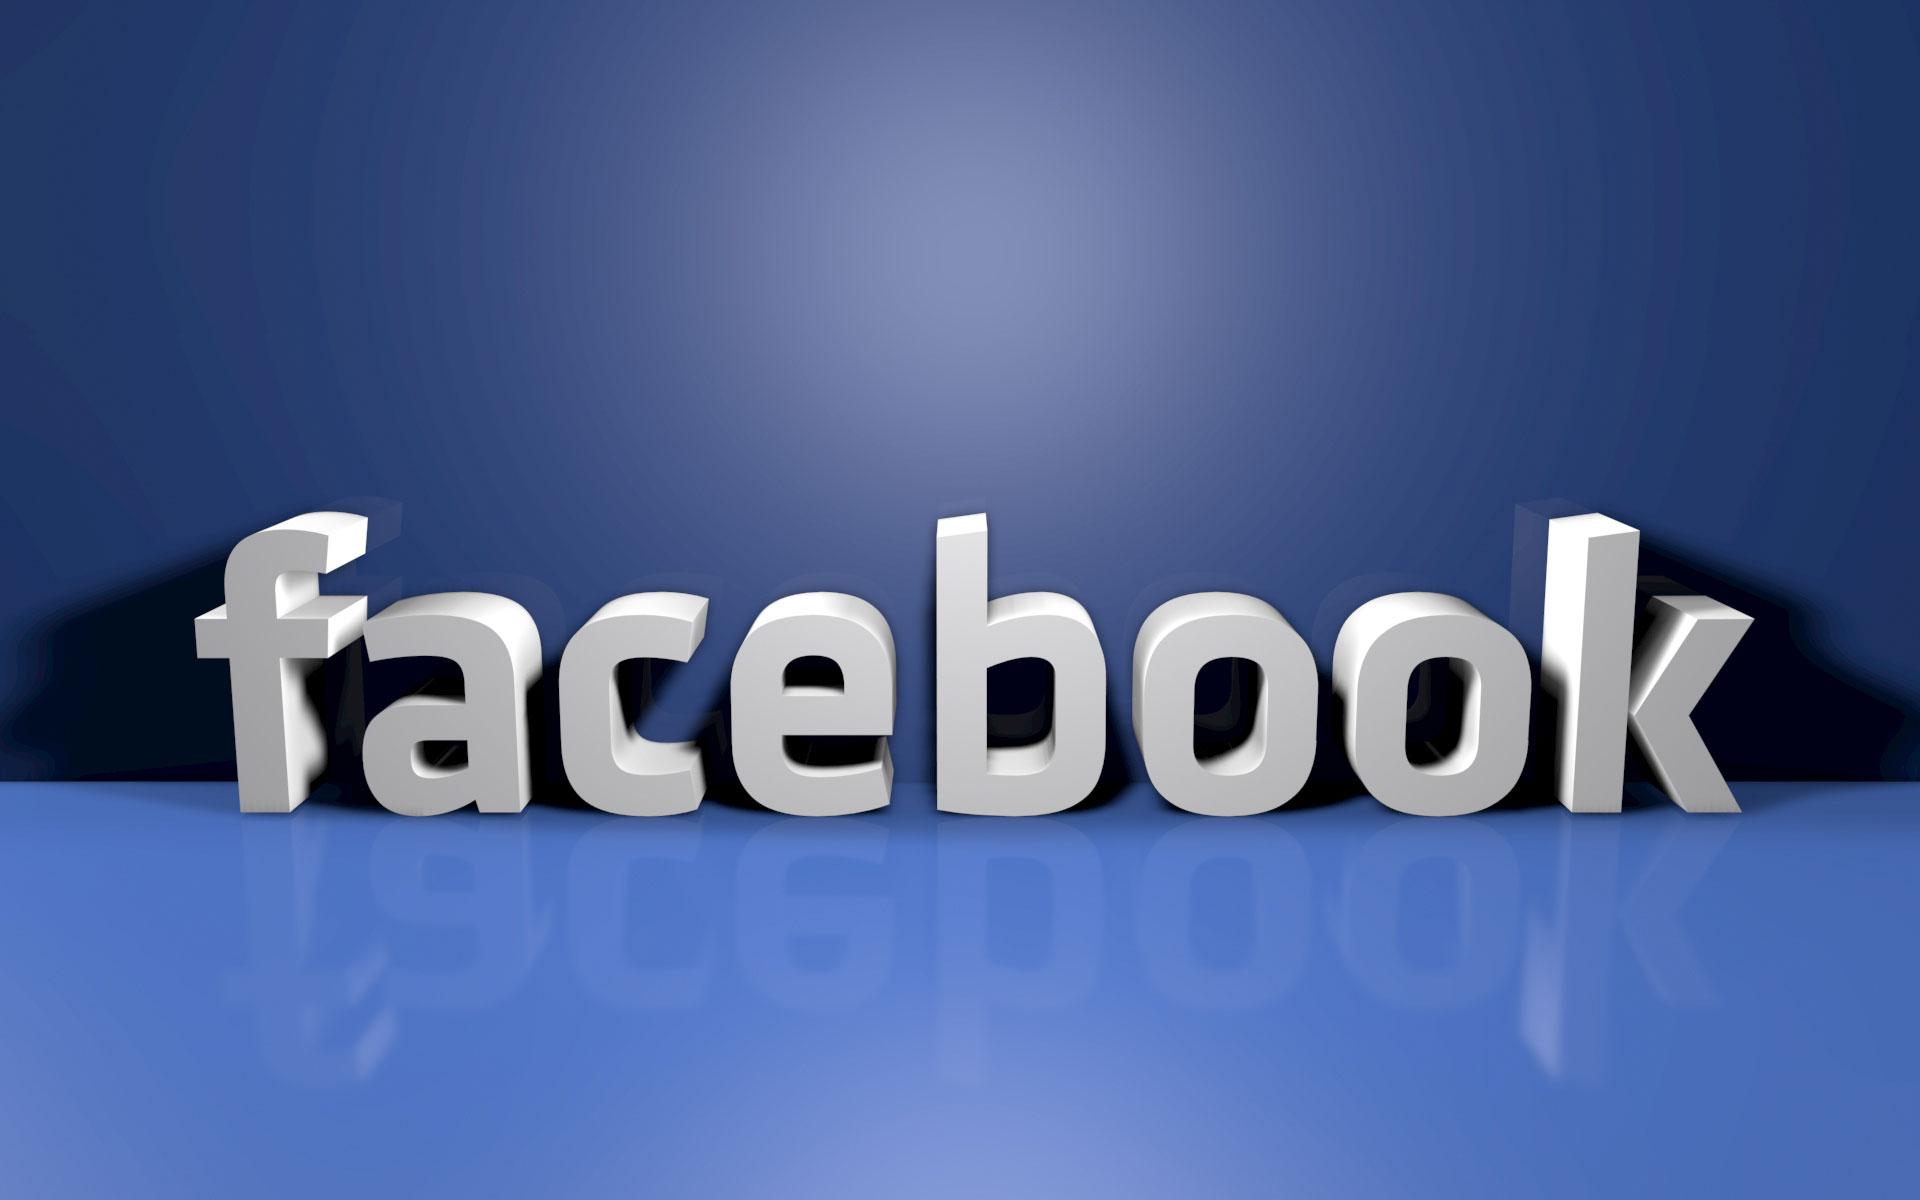 Facebook podrá predecir cuándo te casarás o cuándo morirás